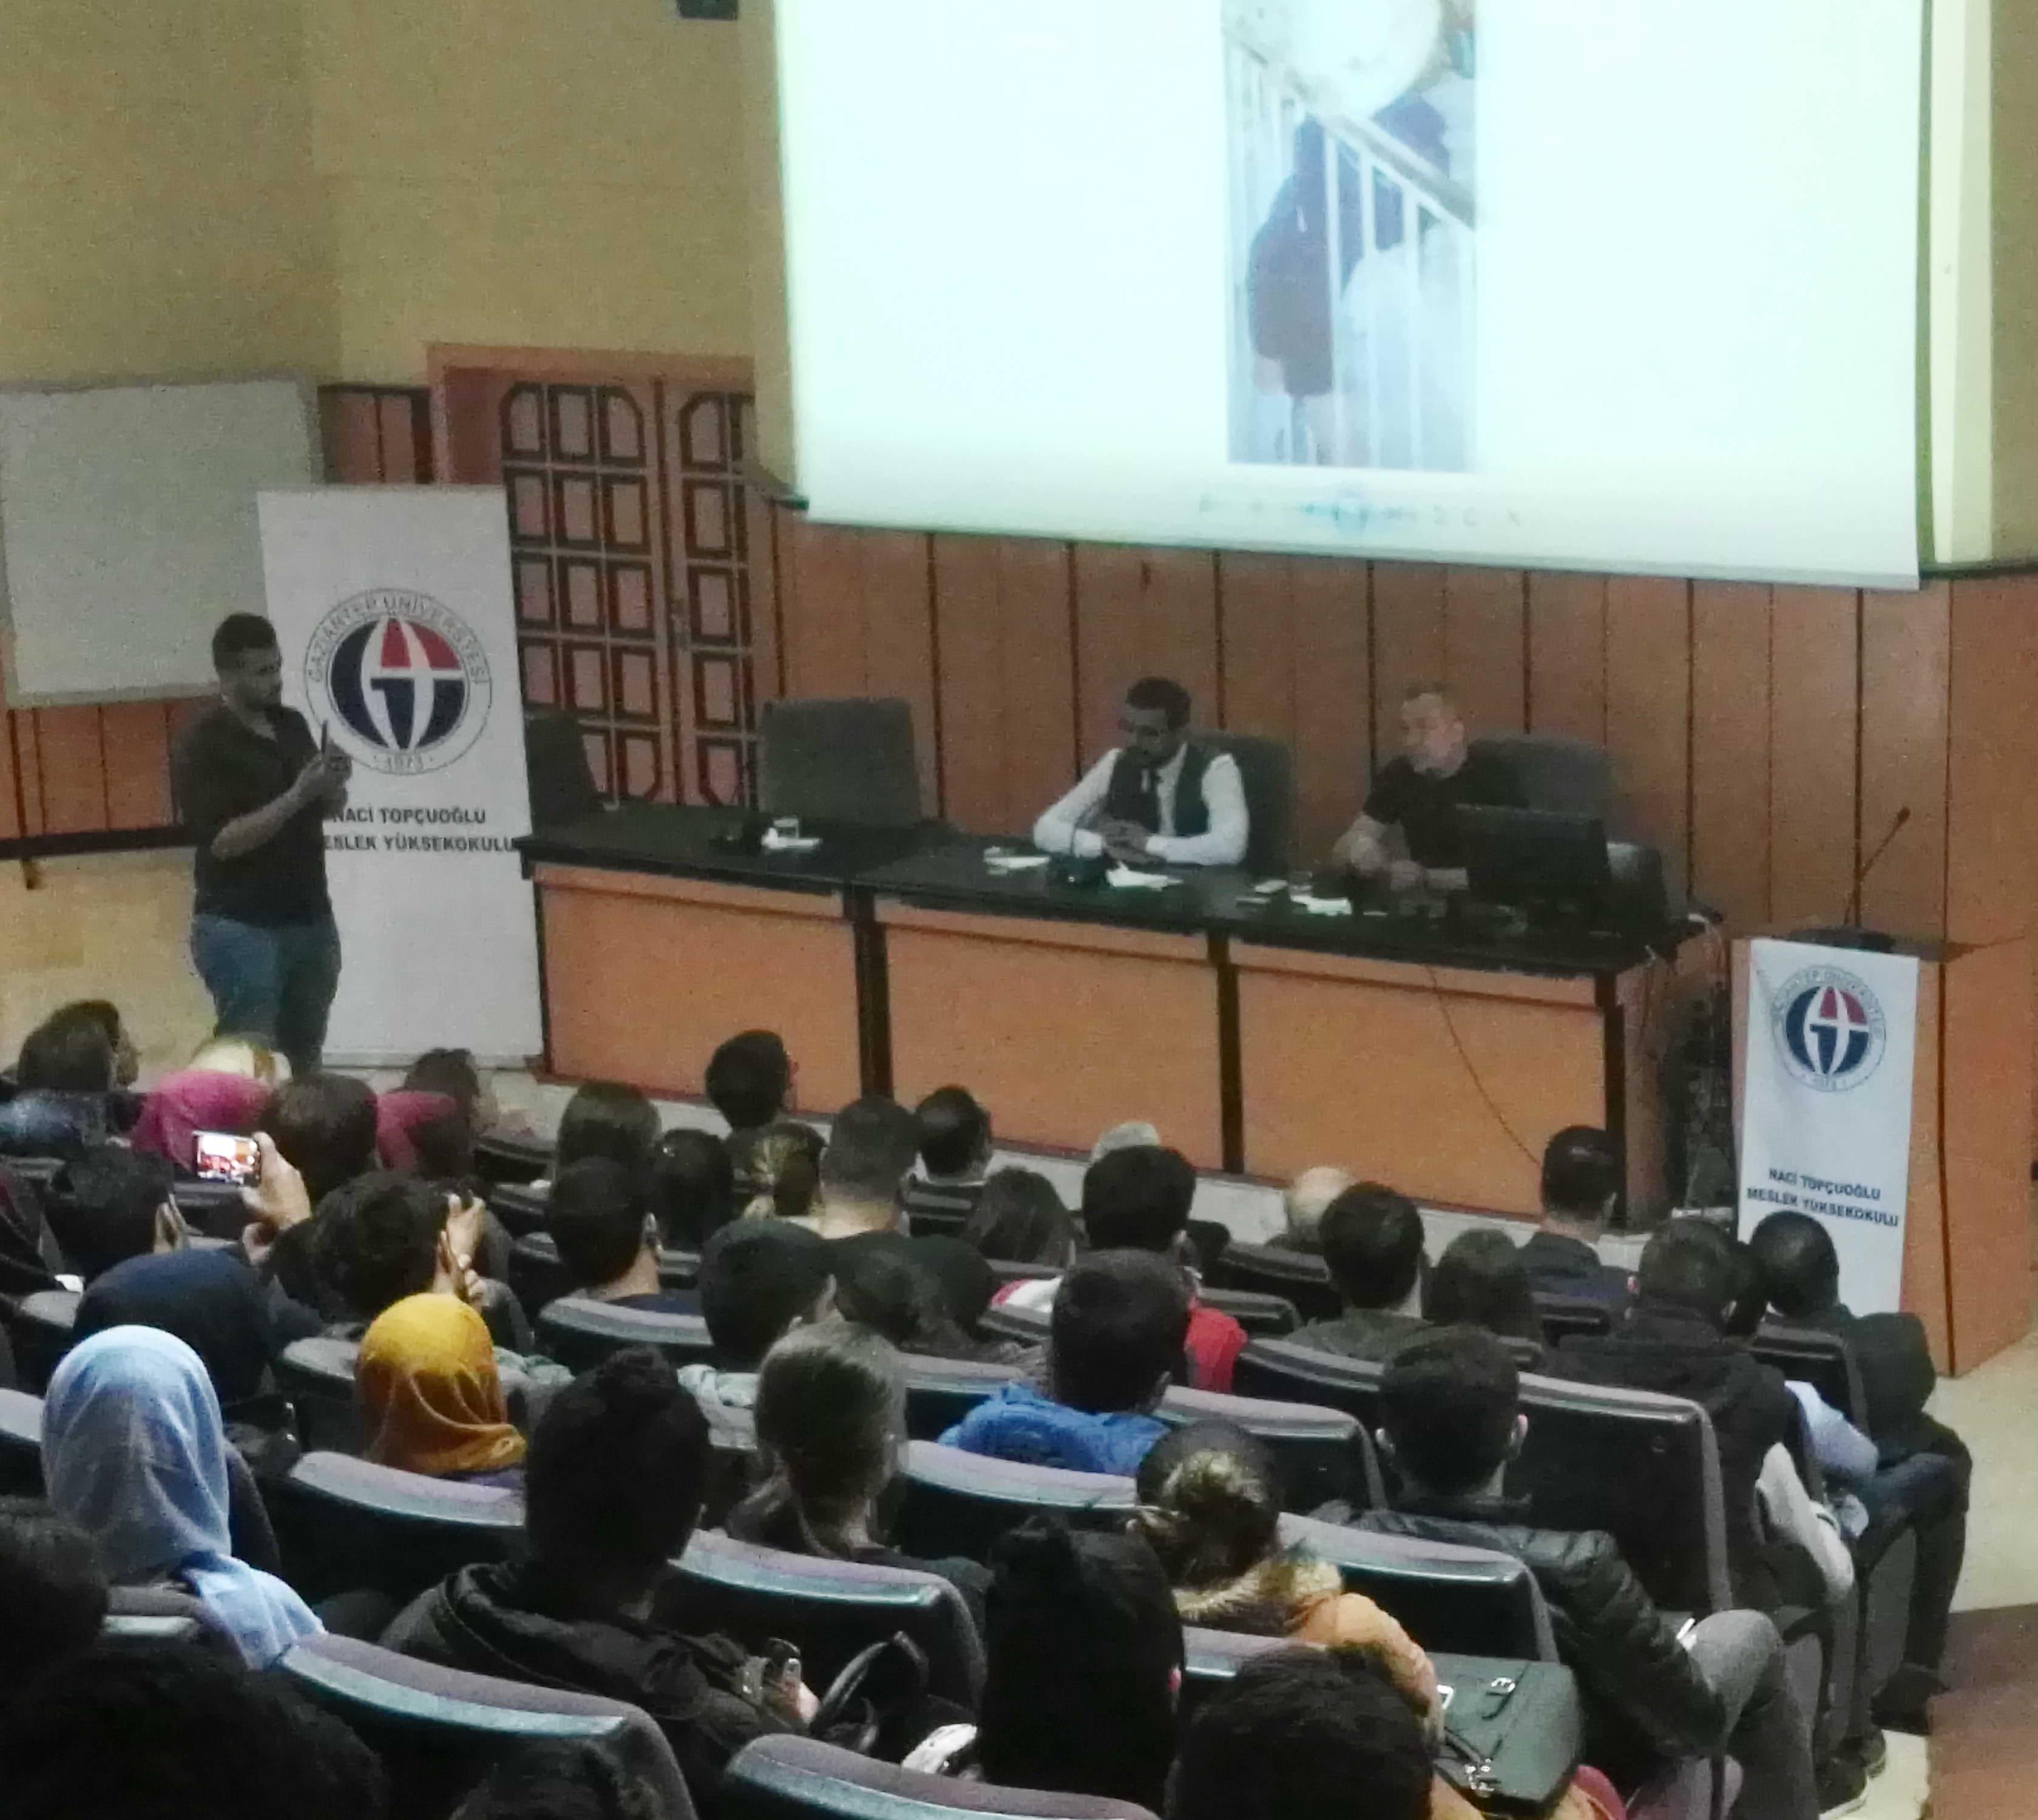 ilik Kanseri ve Kemik İliği Nakli Konferansına GAÜN'lü Öğrencilerden Yoğun İlgi (1)